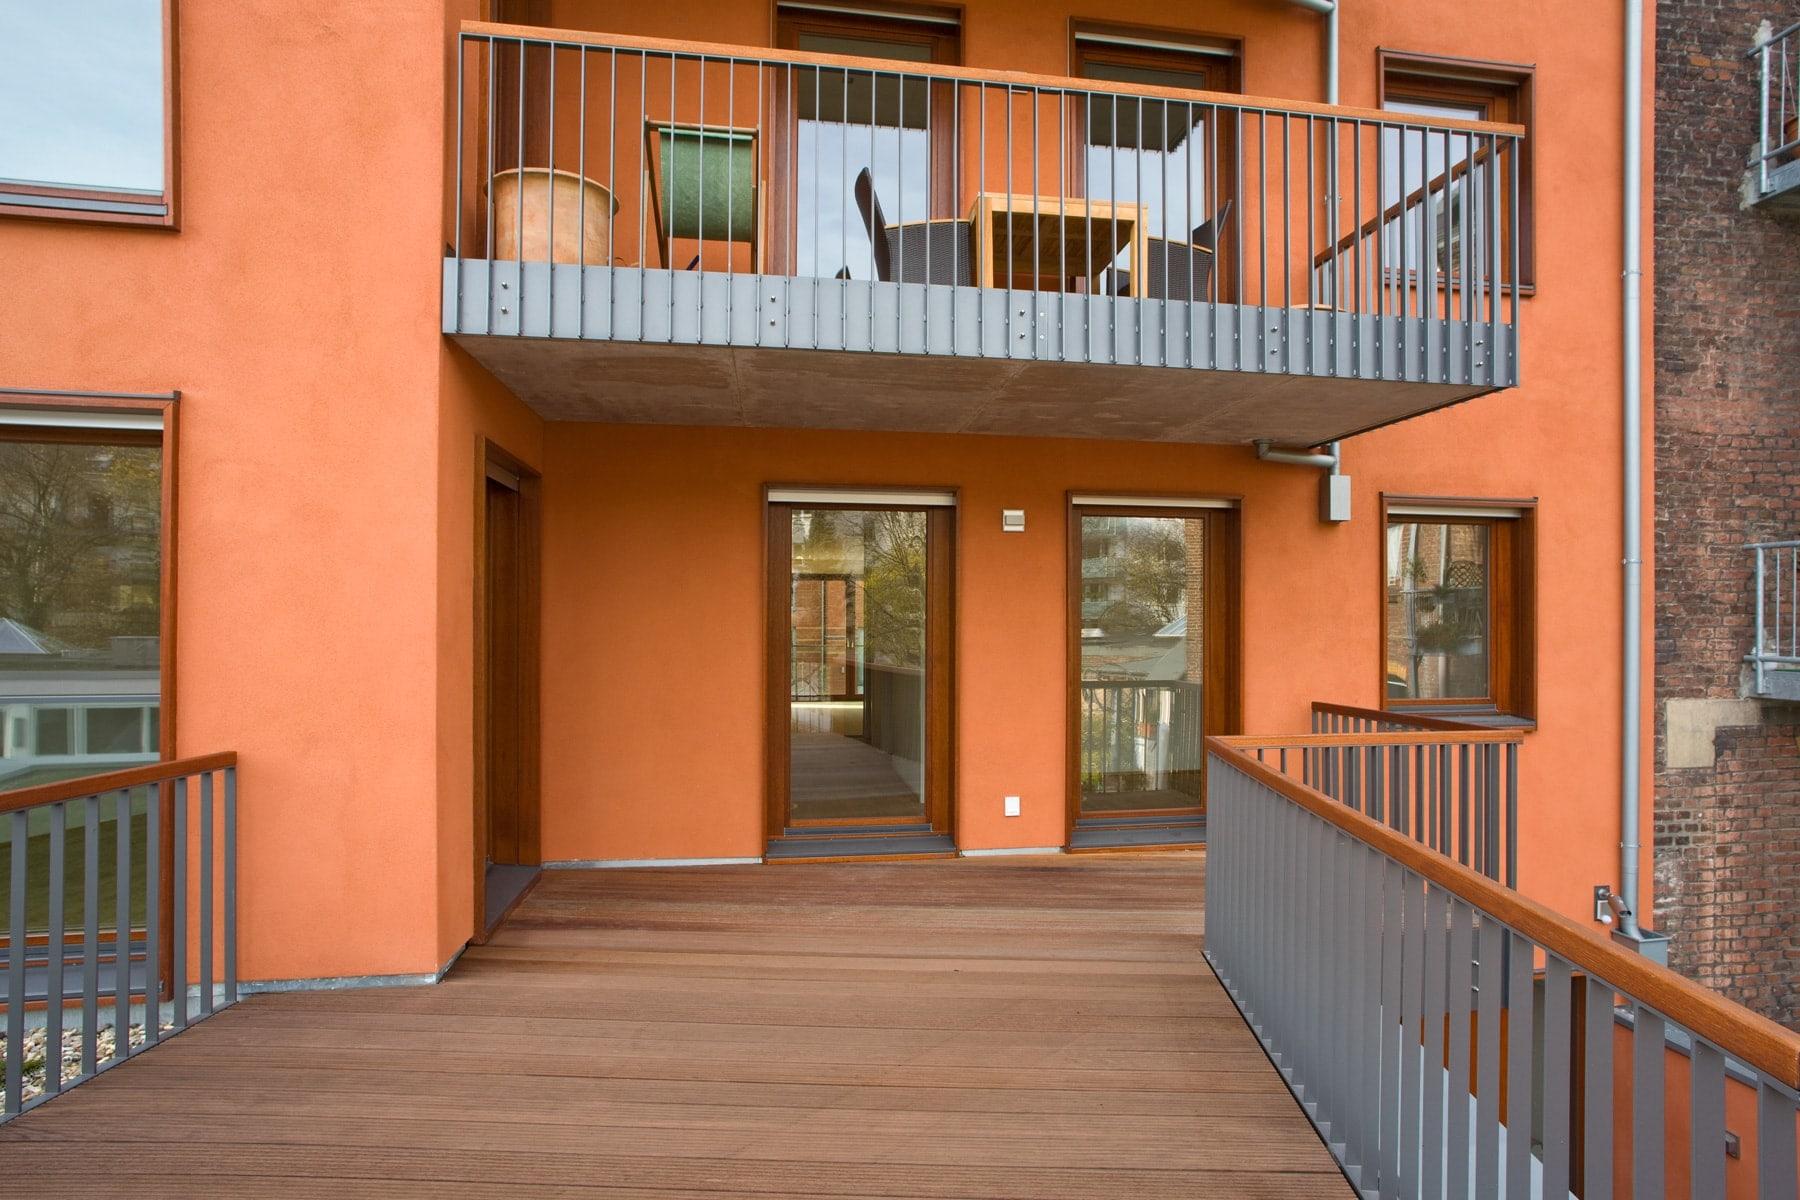 georg d ring architekten d sseldorf mehr einfamilienhaus oberkassel. Black Bedroom Furniture Sets. Home Design Ideas